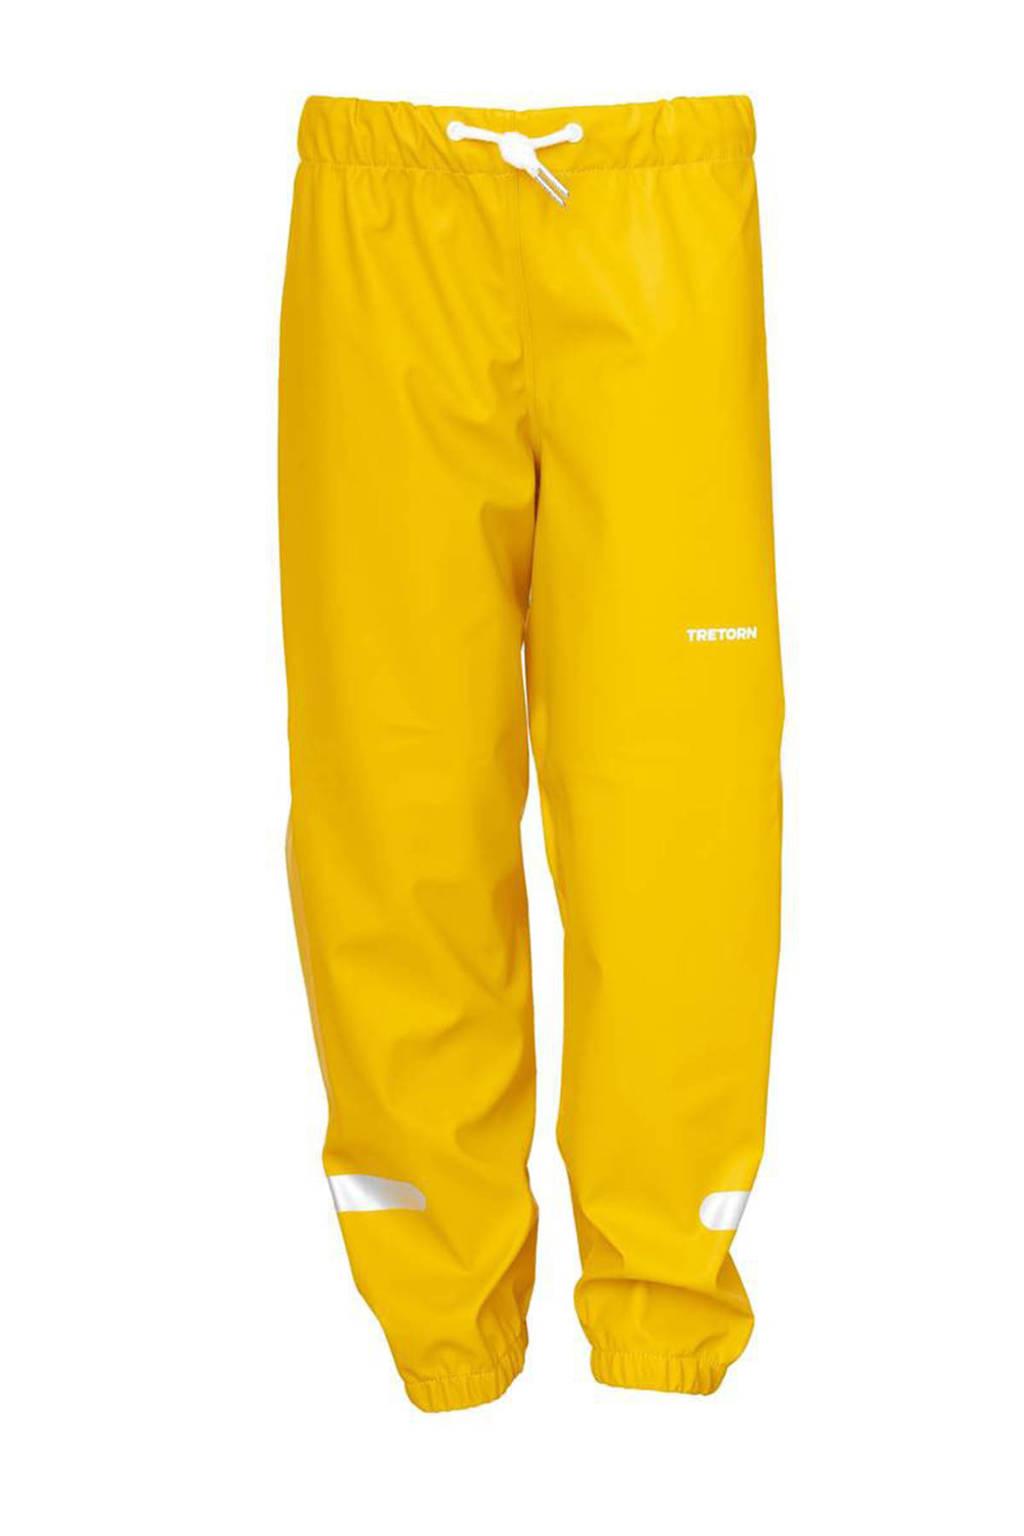 Tretorn kids regenbroek geel, Spectra Yellow